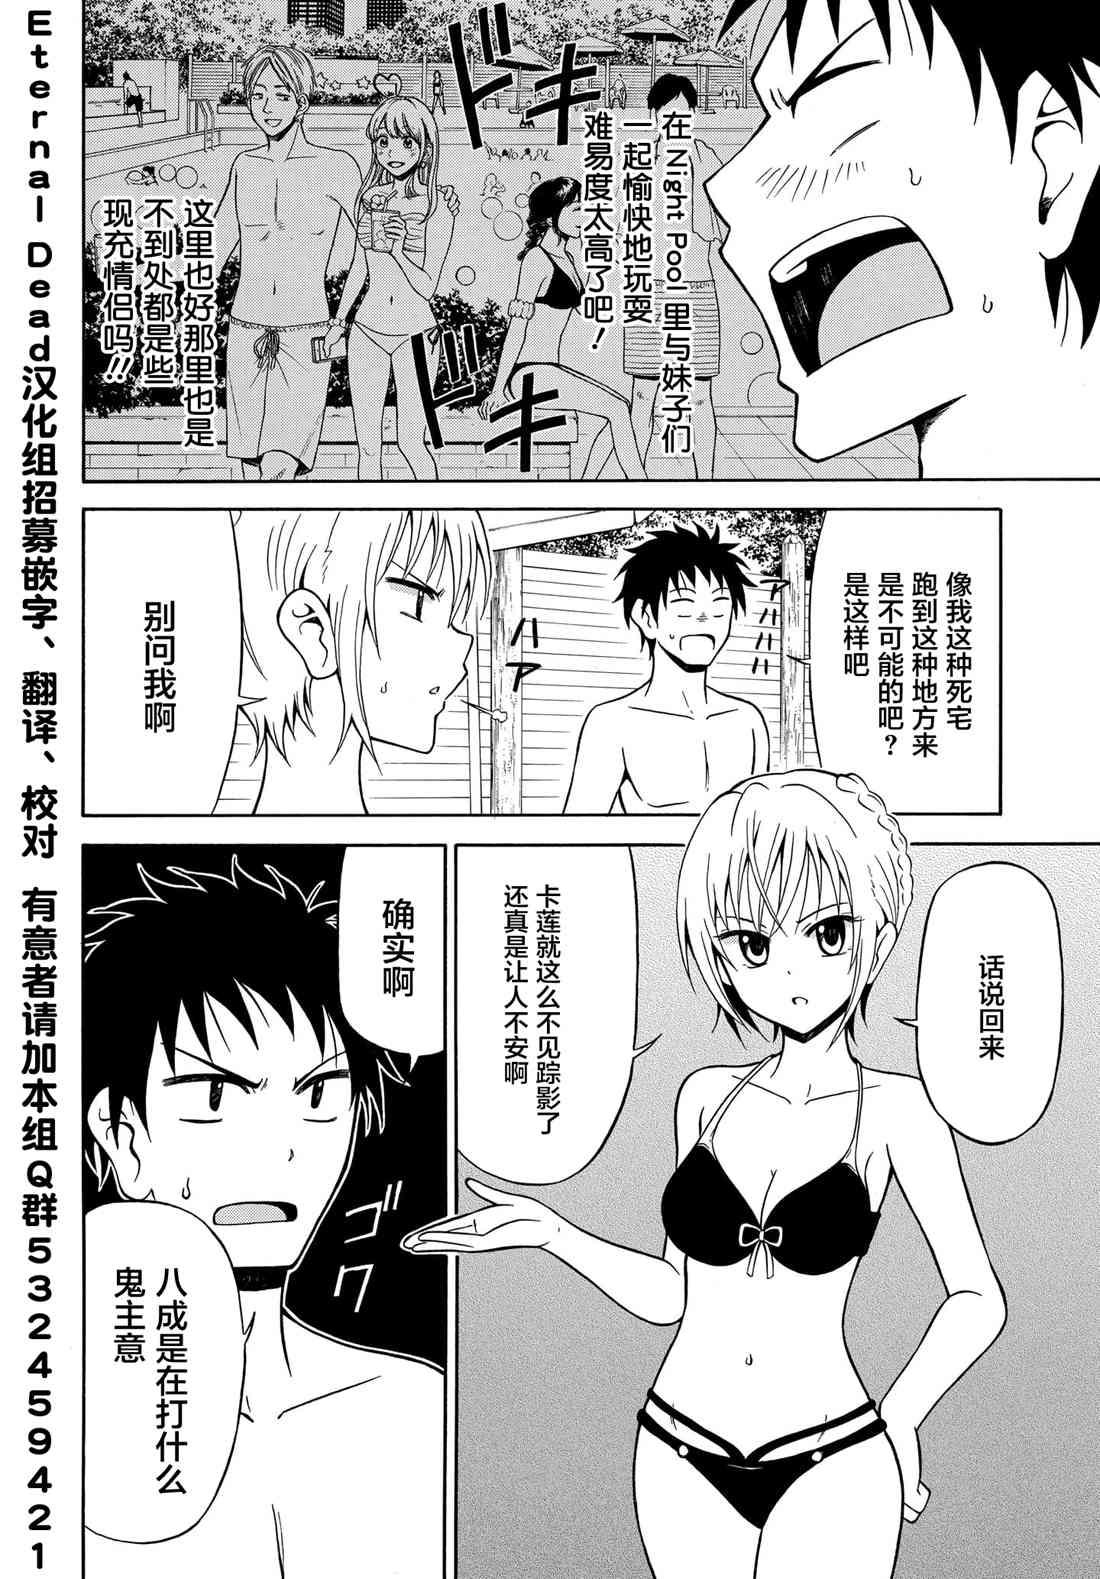 童貞與終結者女友: 08话 - 第2页